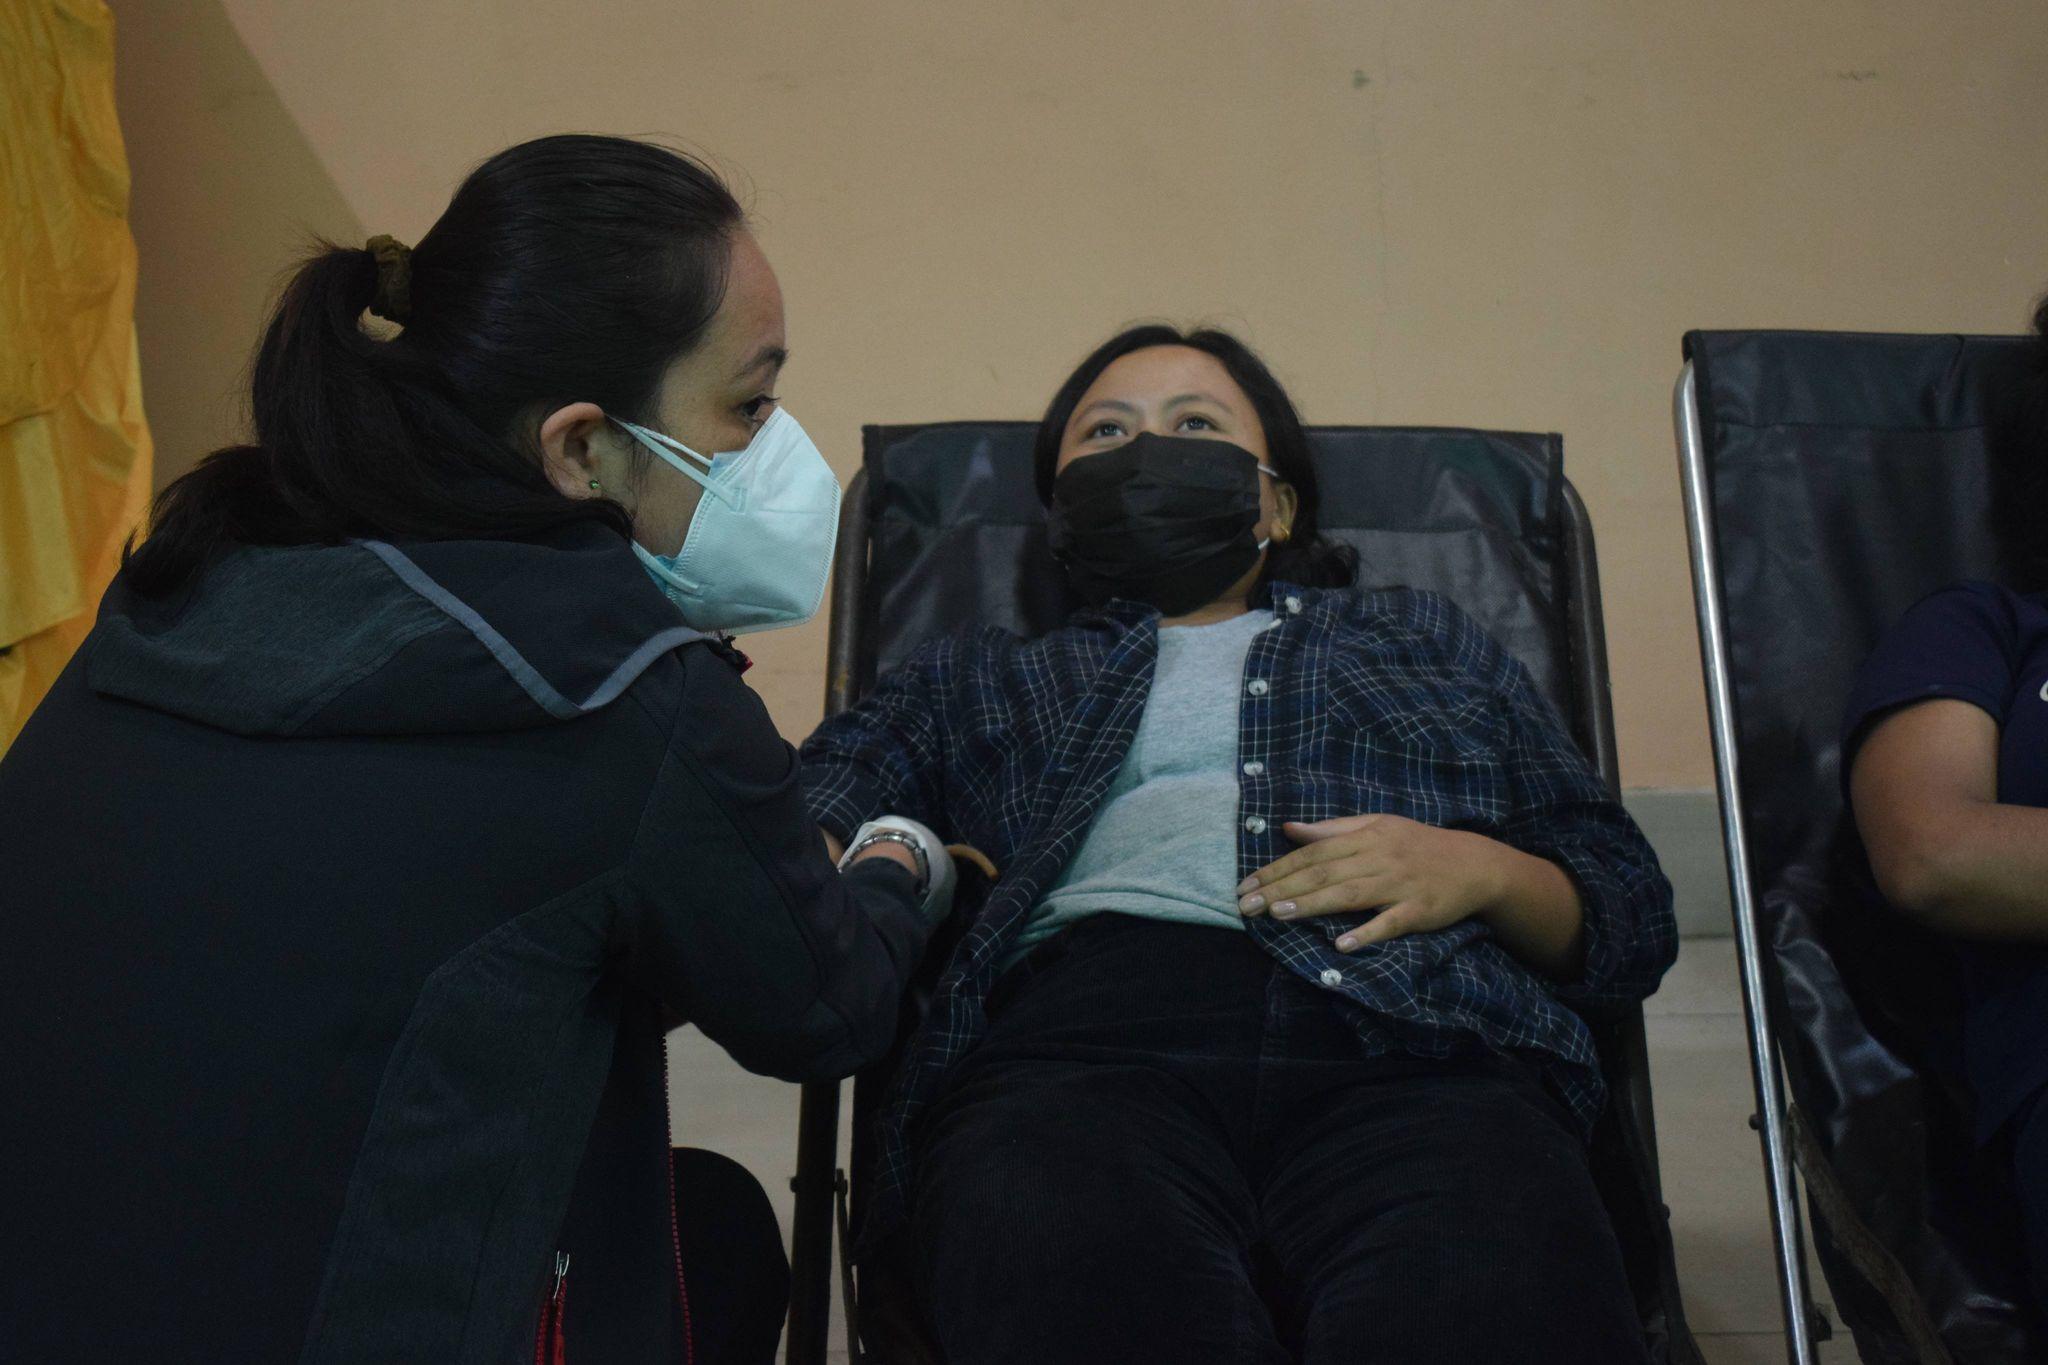 मदन भण्डारी रक्तसंचार कोषद्धारा बौद्धमा रक्तदान,२० पीन्ट भन्दाबढी रगत संकलन